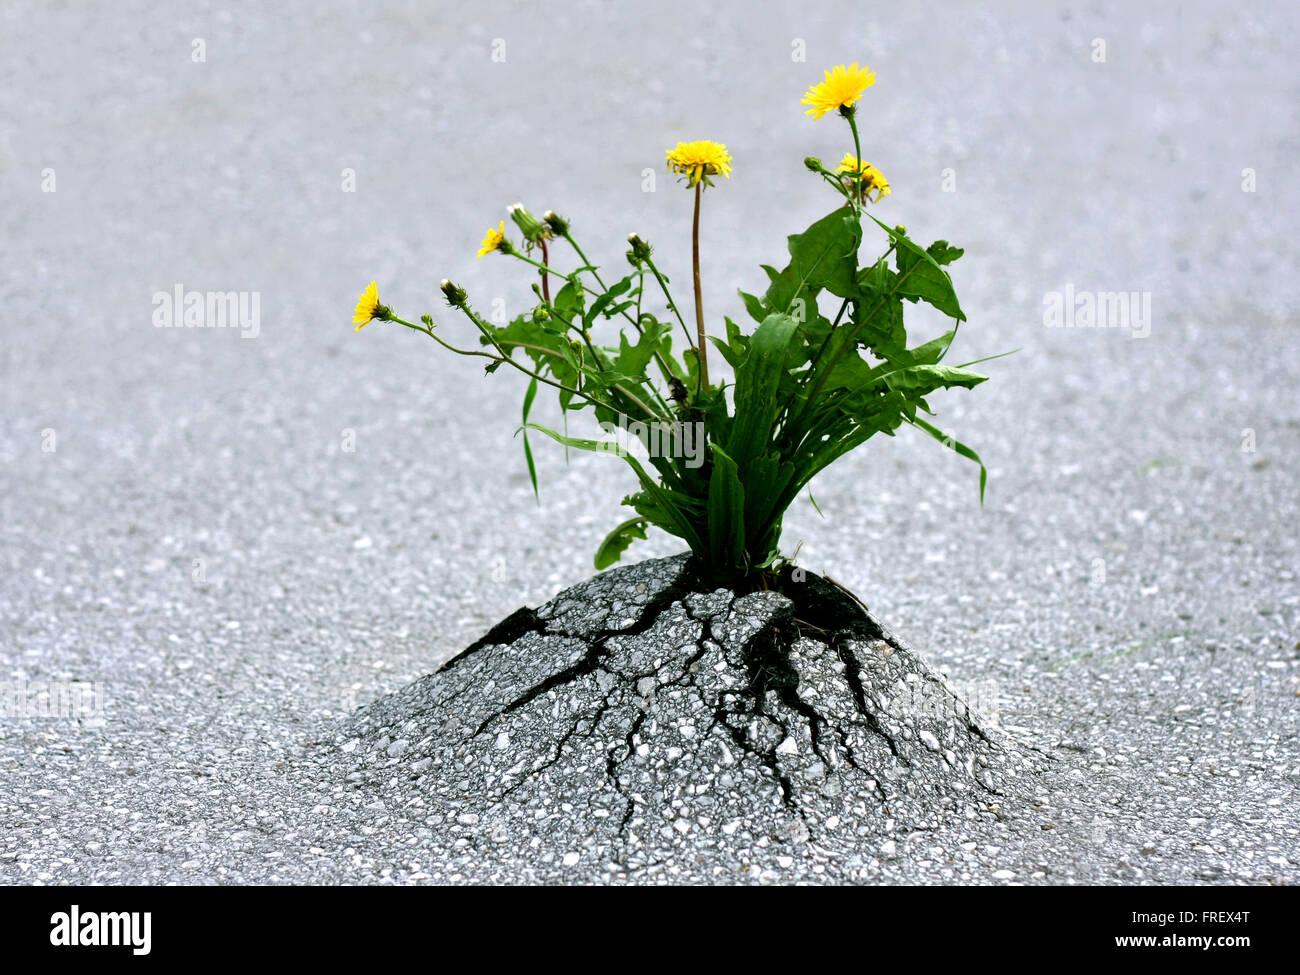 Las plantas nuevas a través de rock duro asfalto. Ilustra la fuerza de la naturaleza y de increíbles logros Imagen De Stock